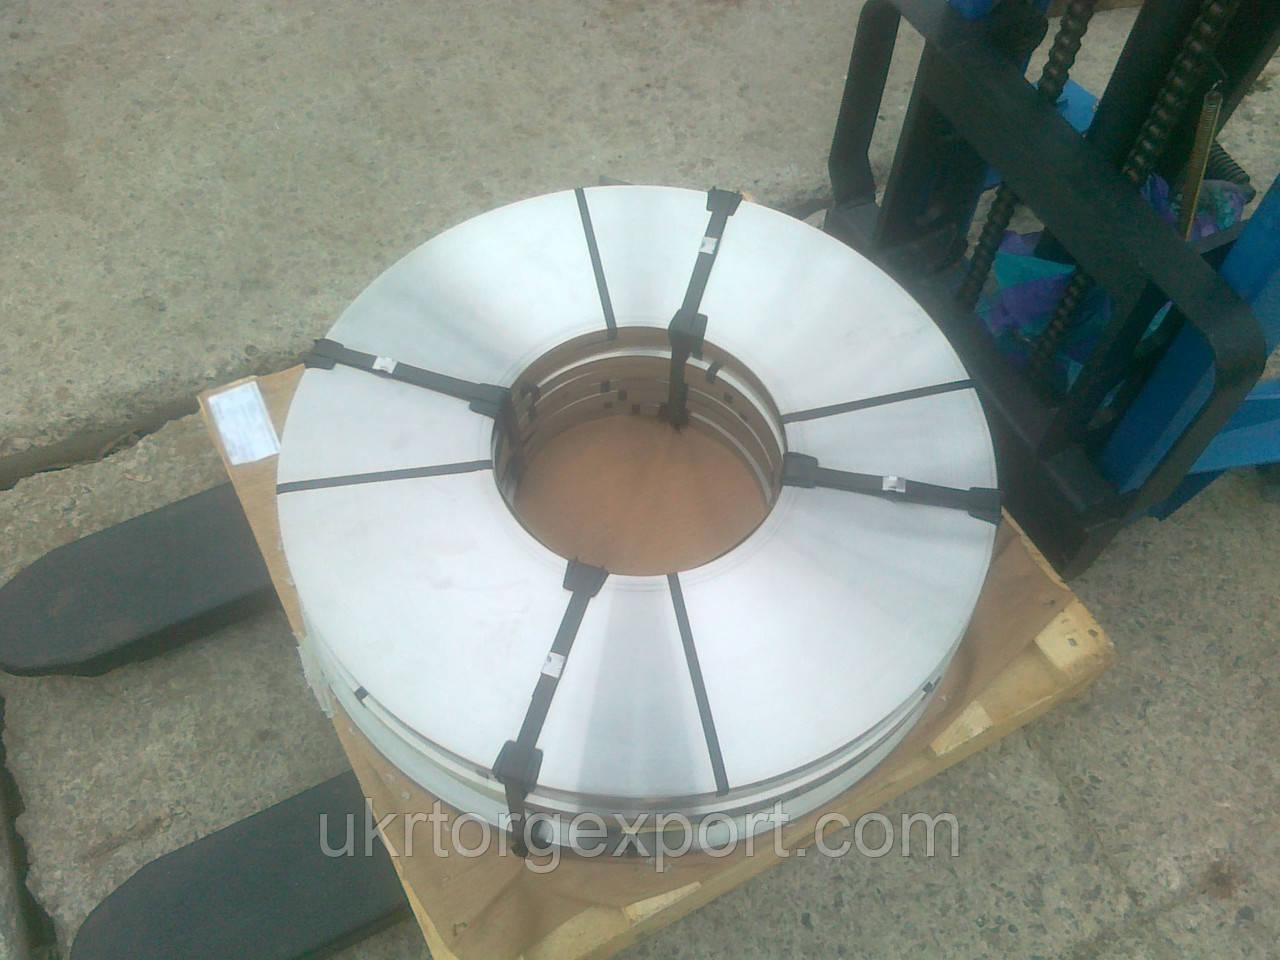 Лента нержавеющая стальная 0,76мм*400мм материал: 1,4310 (AISI 301, 12Х18Н9 ) нагартованная (твёрдая)